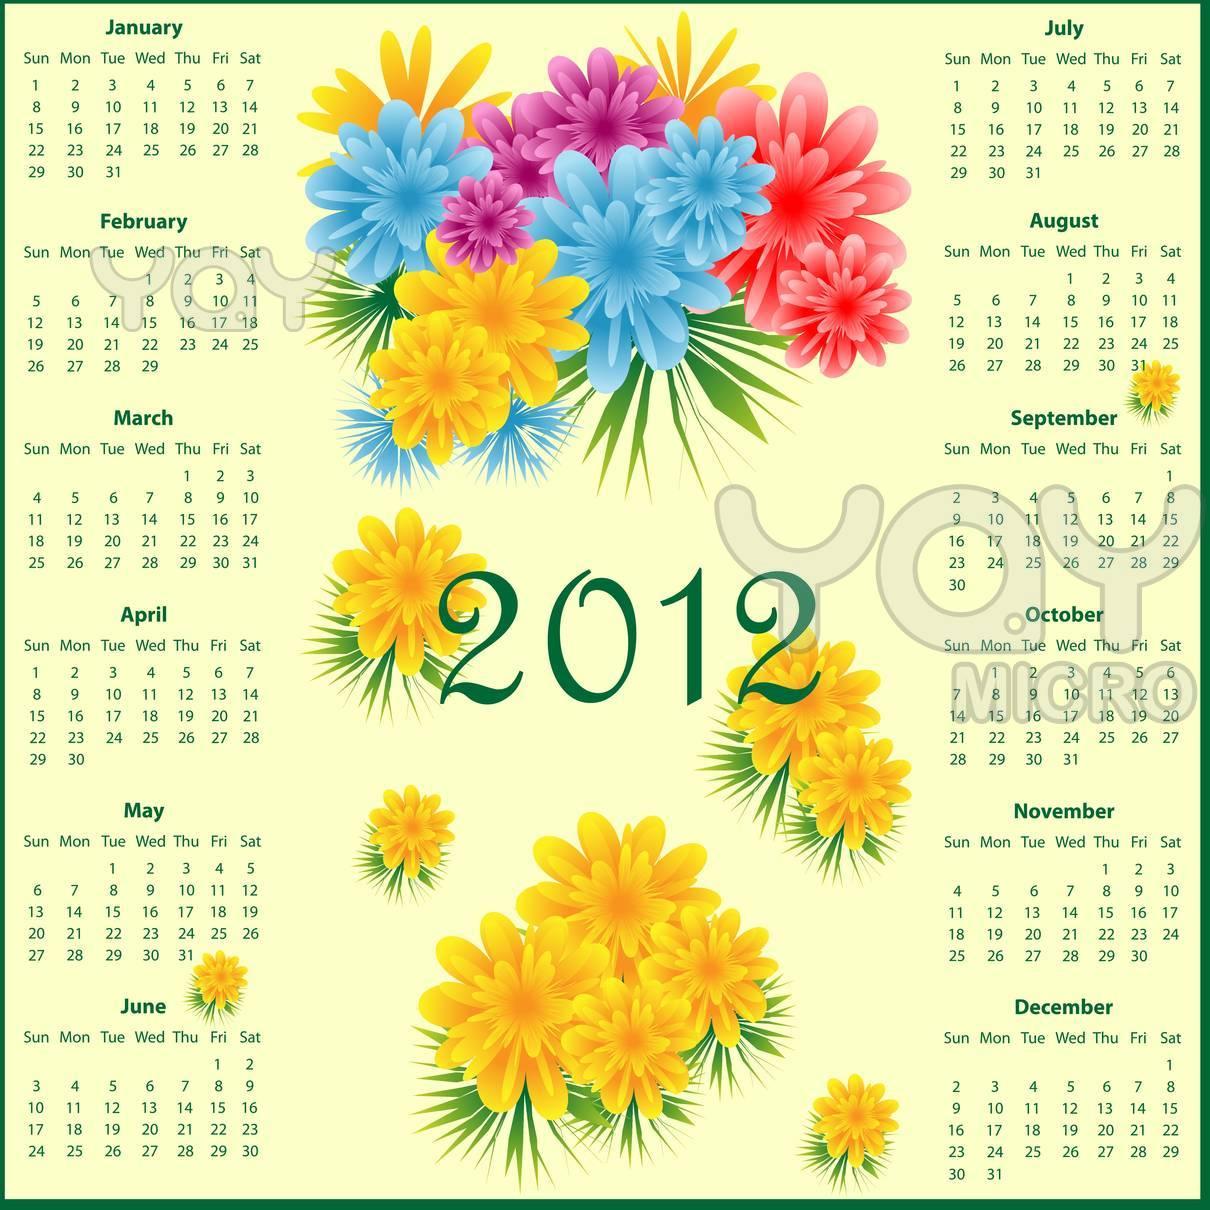 http://1.bp.blogspot.com/-P6FtCTpphU0/TlsS-3s076I/AAAAAAAAFE0/D6xkhBAa77Y/s1600/calendar-2012-with-flowers-525978.jpg